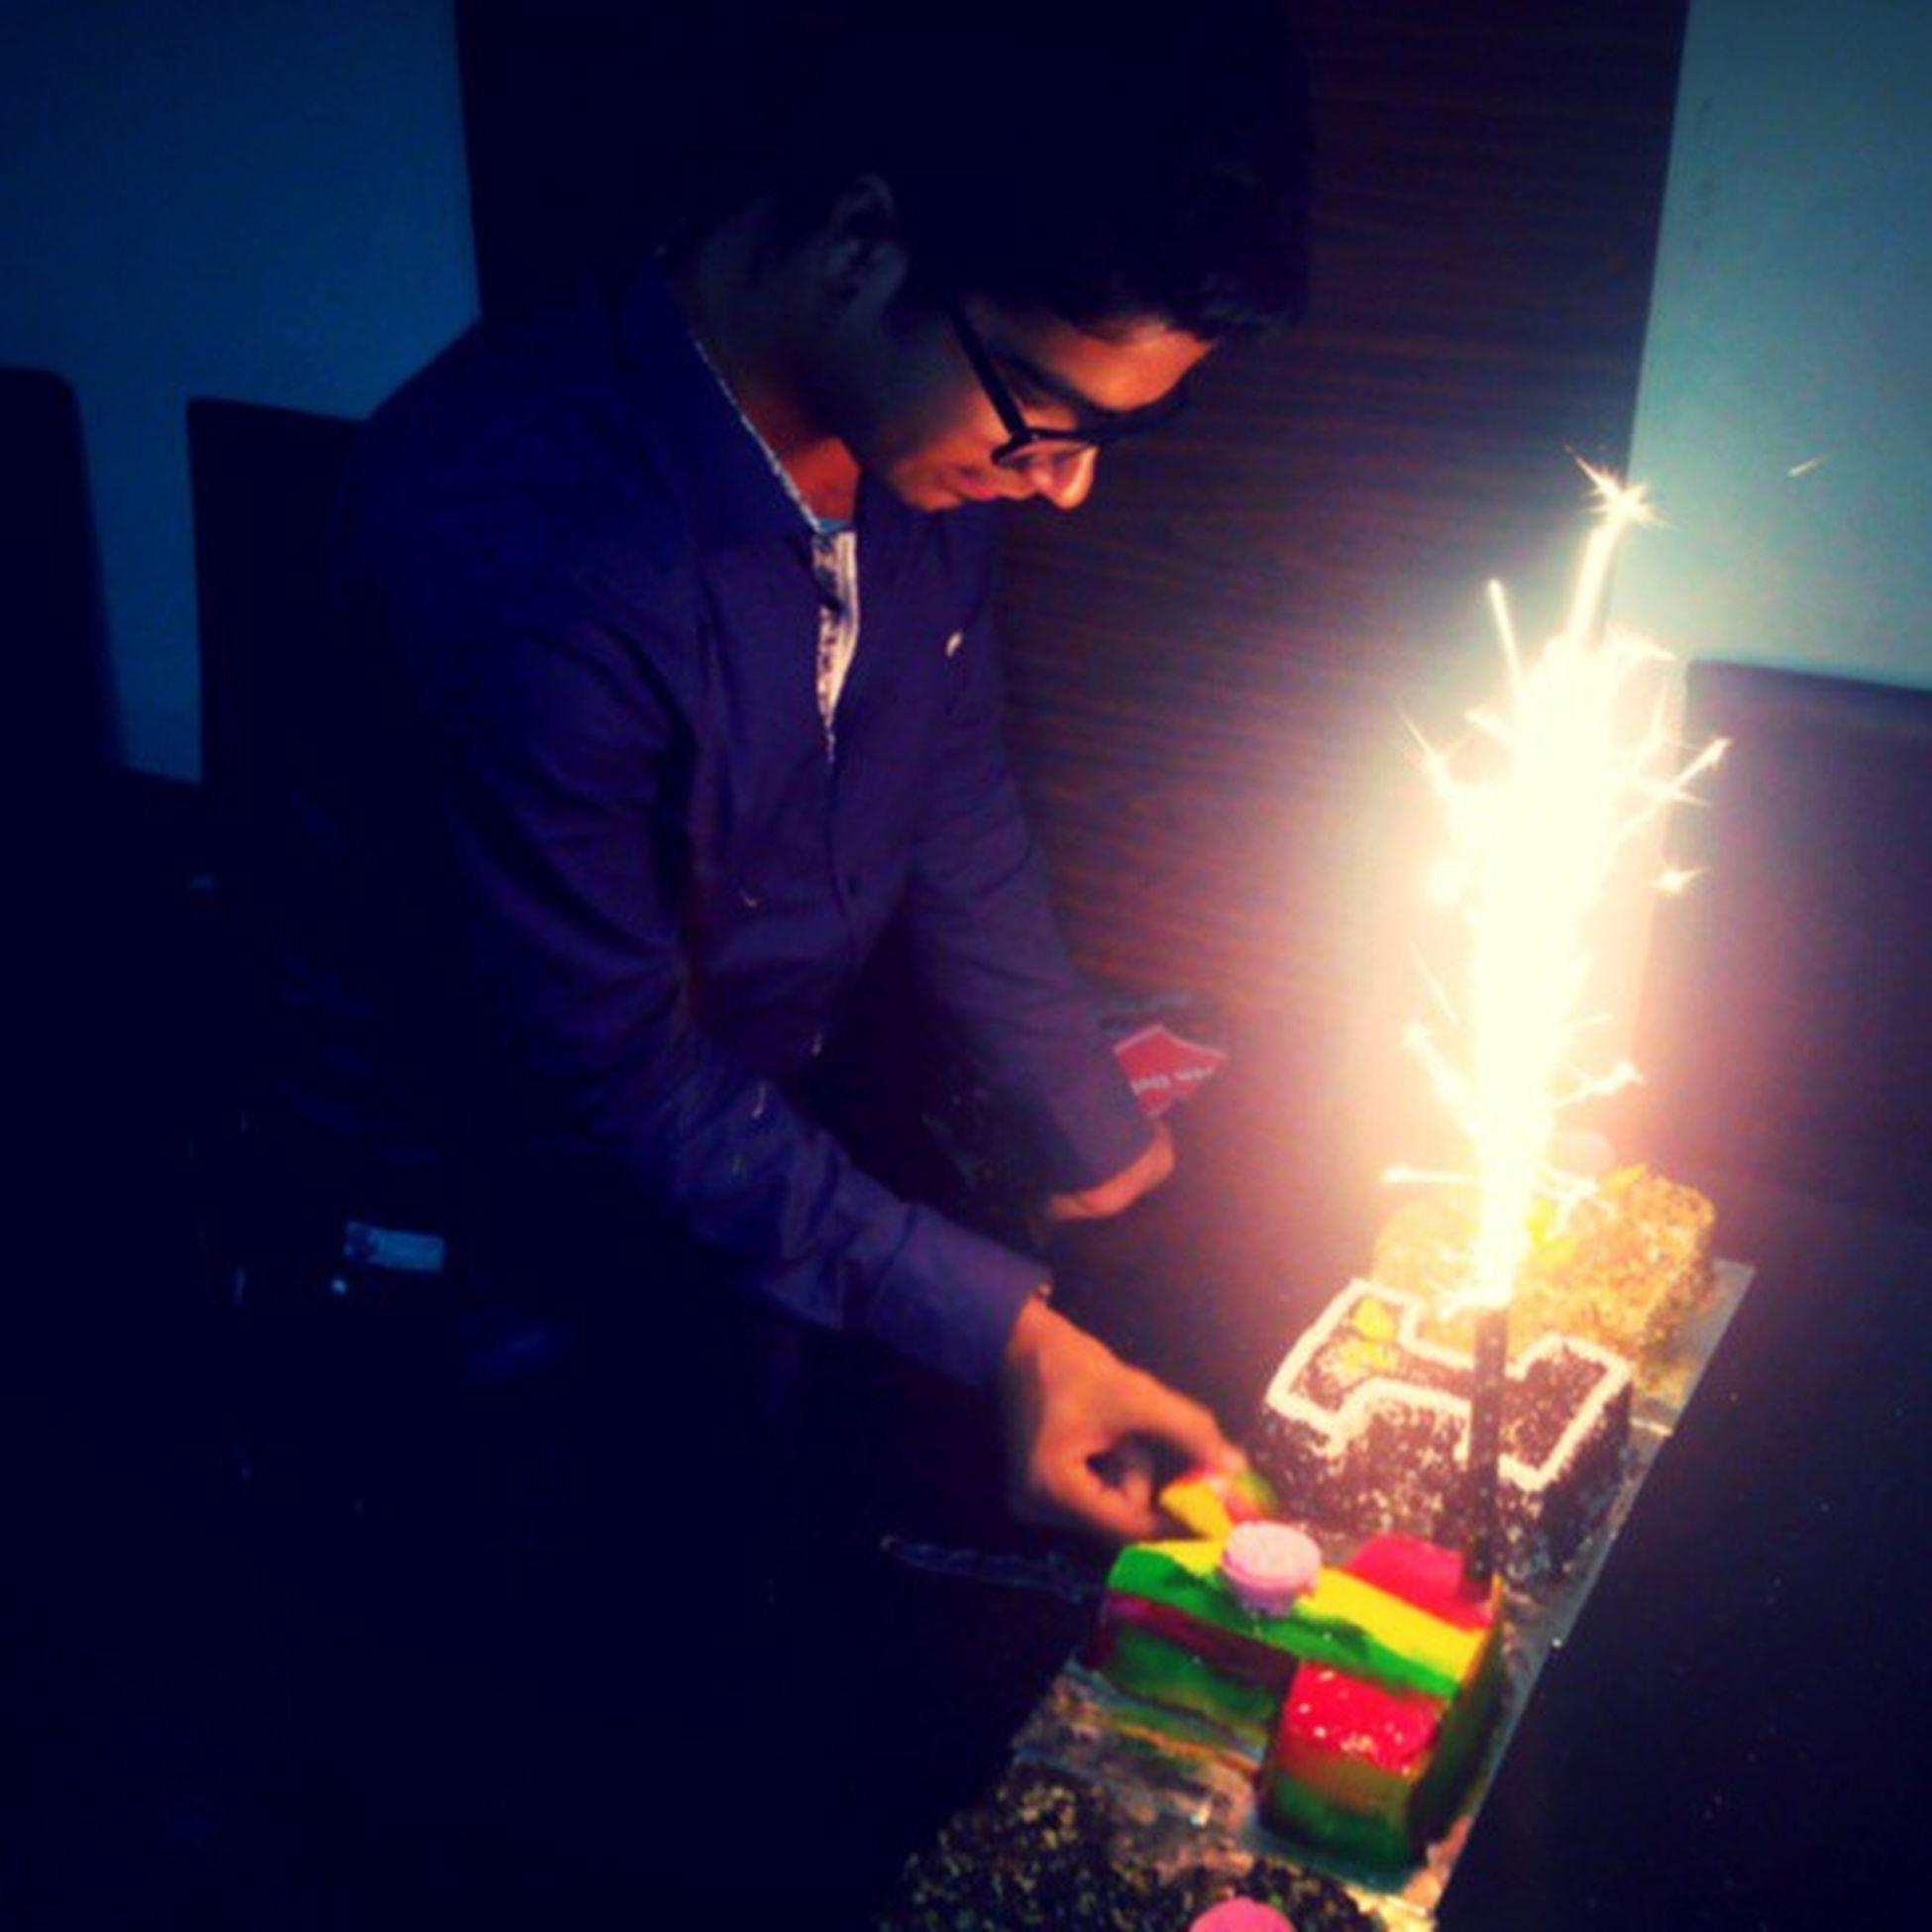 Birthday Cake Celebration CakeCutting Specialday  Enjoyed Mostamazingcake